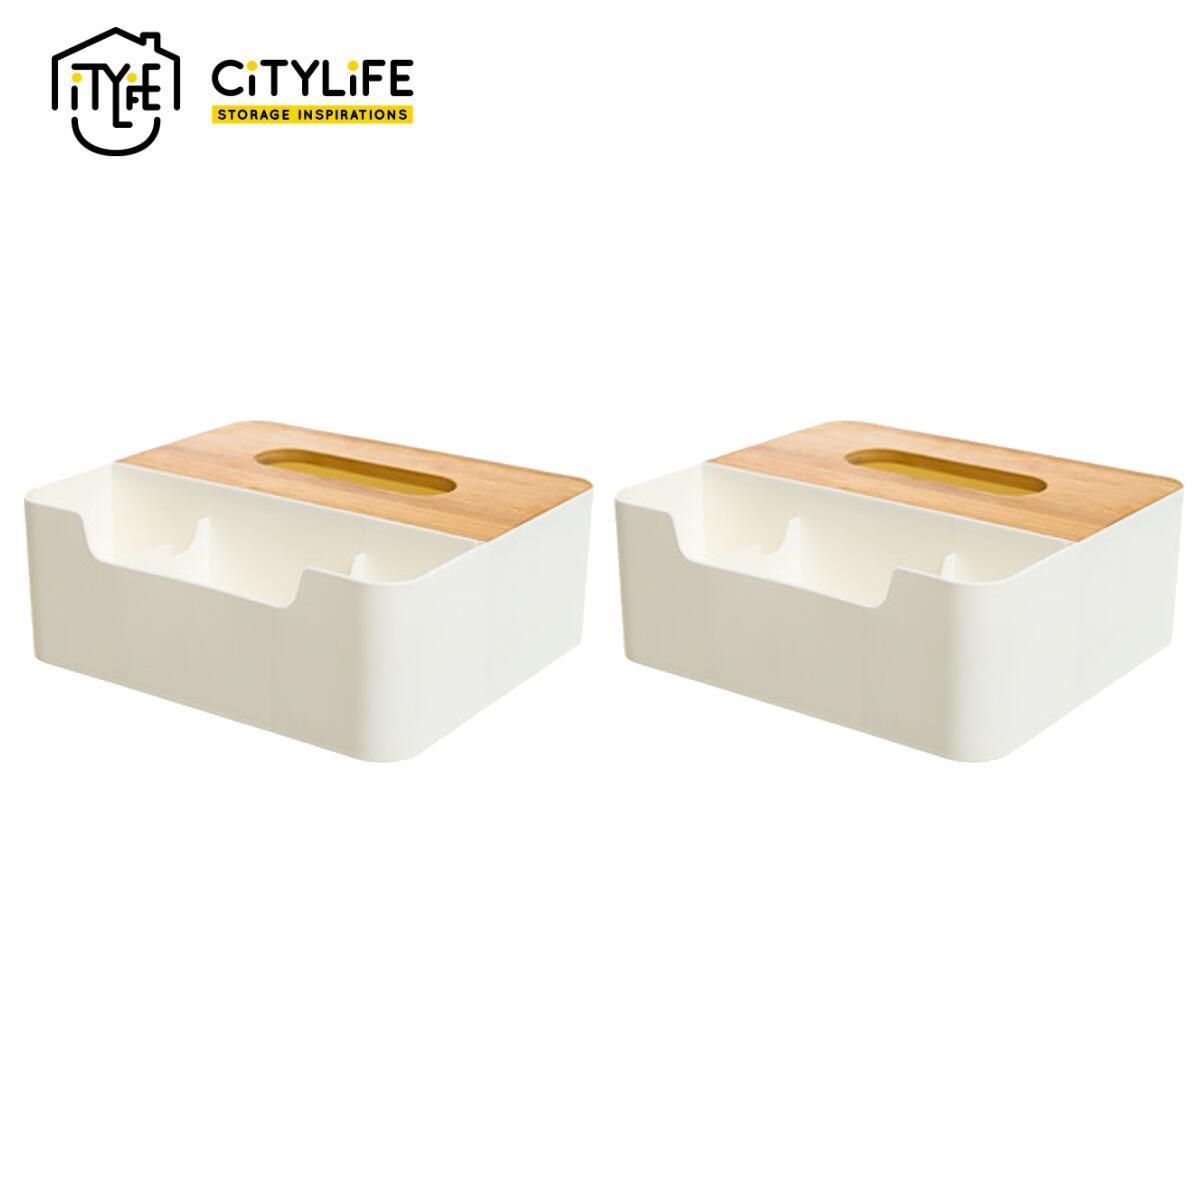 [Bundle of 2] - Citylife Bamboo Wood Tissue Box Organizer